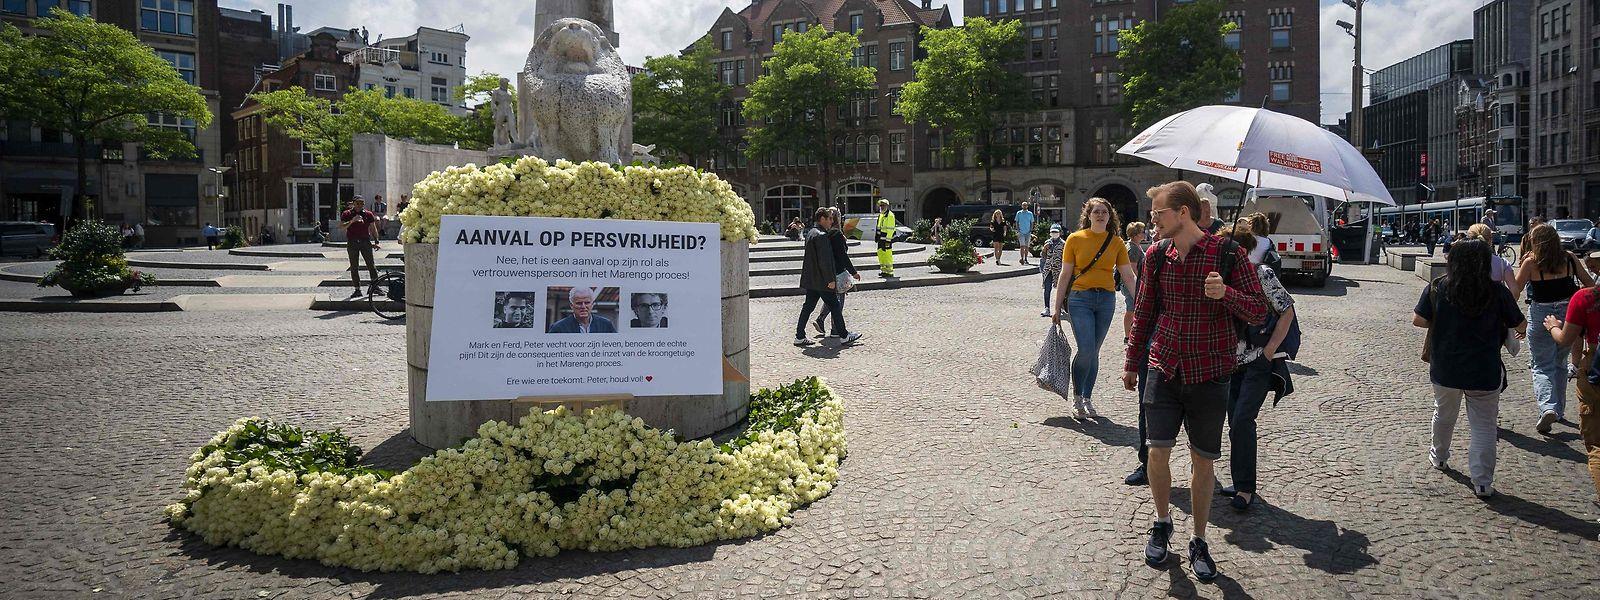 A praça Dam, no centro de Amesterdão, onde está o monumento improvisado ao famoso repórter criminal holandês que foi baleado na rua durante o dia, a 7 de julho.